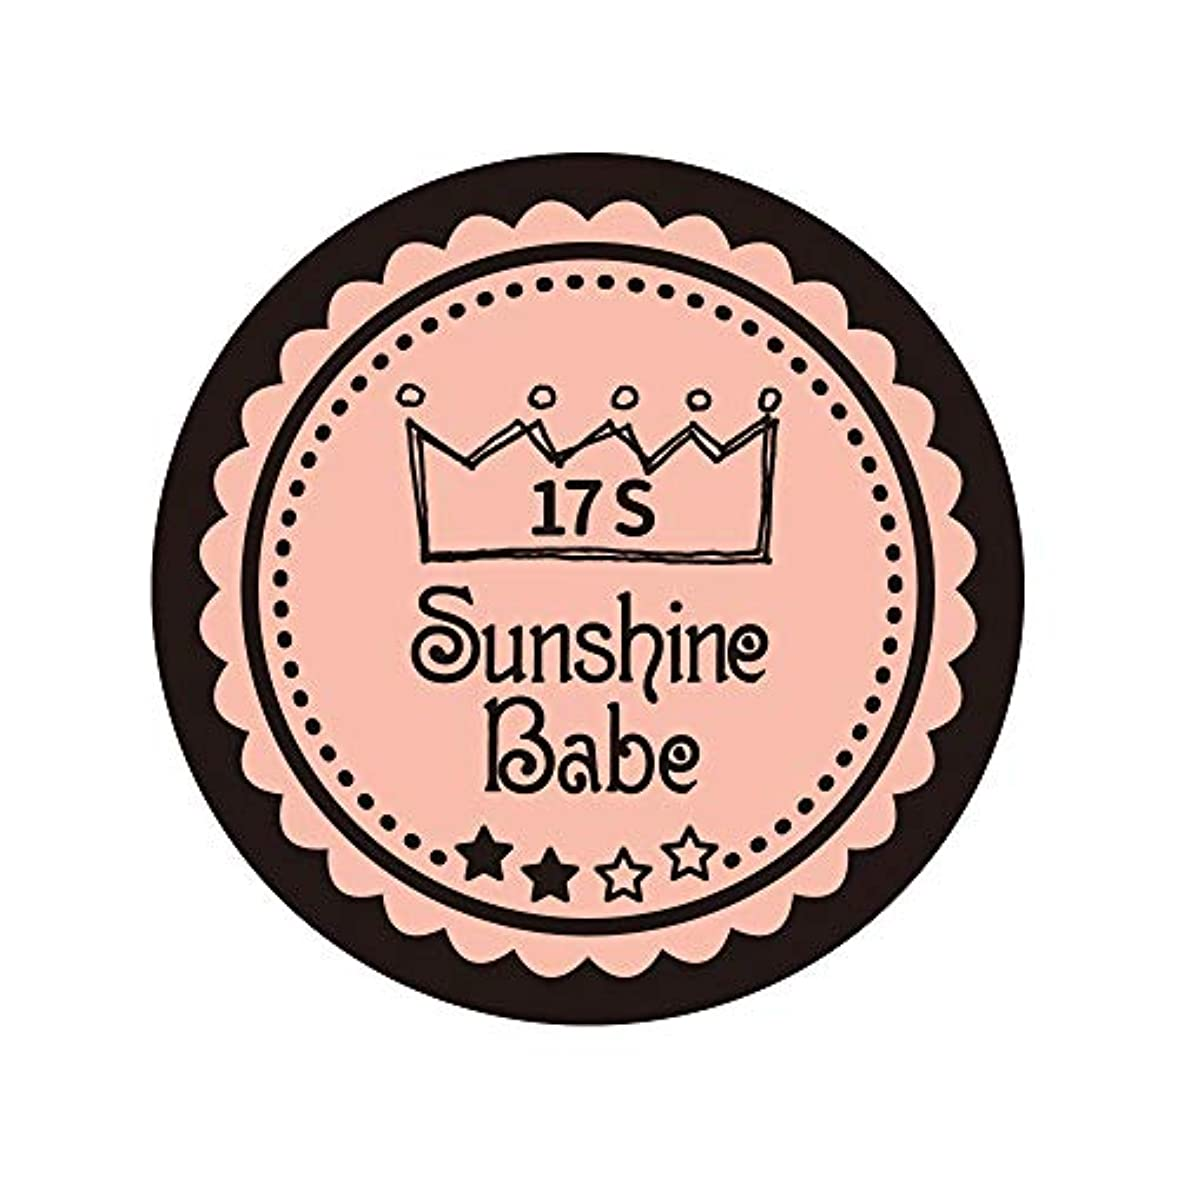 不足ファイター銀行Sunshine Babe カラージェル 17S ヌーディローズ 2.7g UV/LED対応